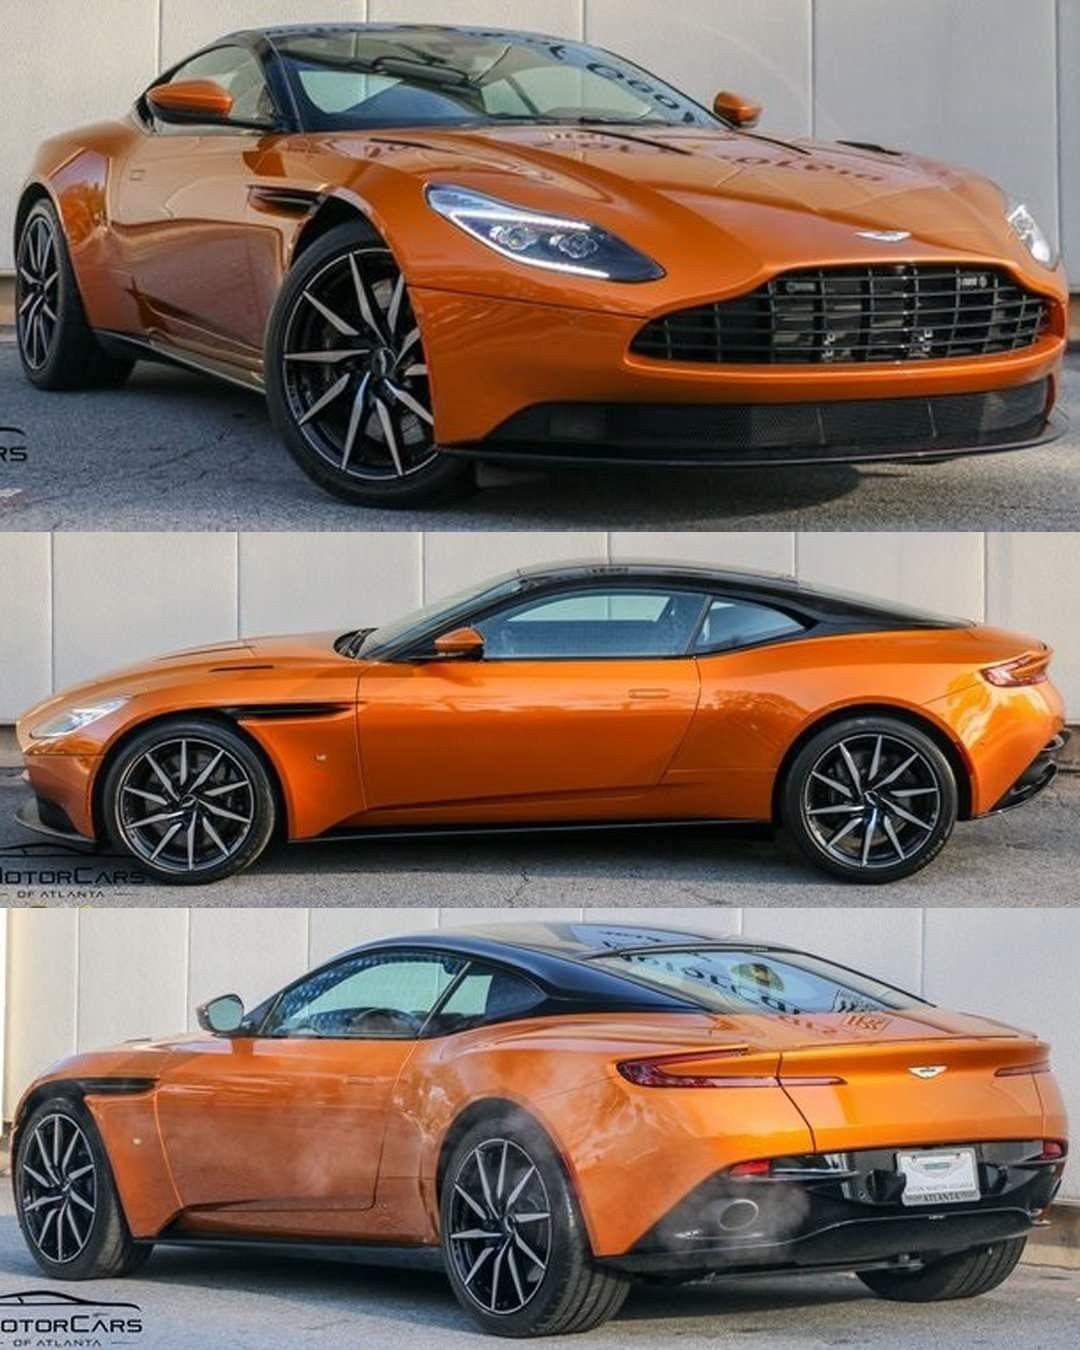 Dream Car Garage, Aston Martin, Aston Martin Db11